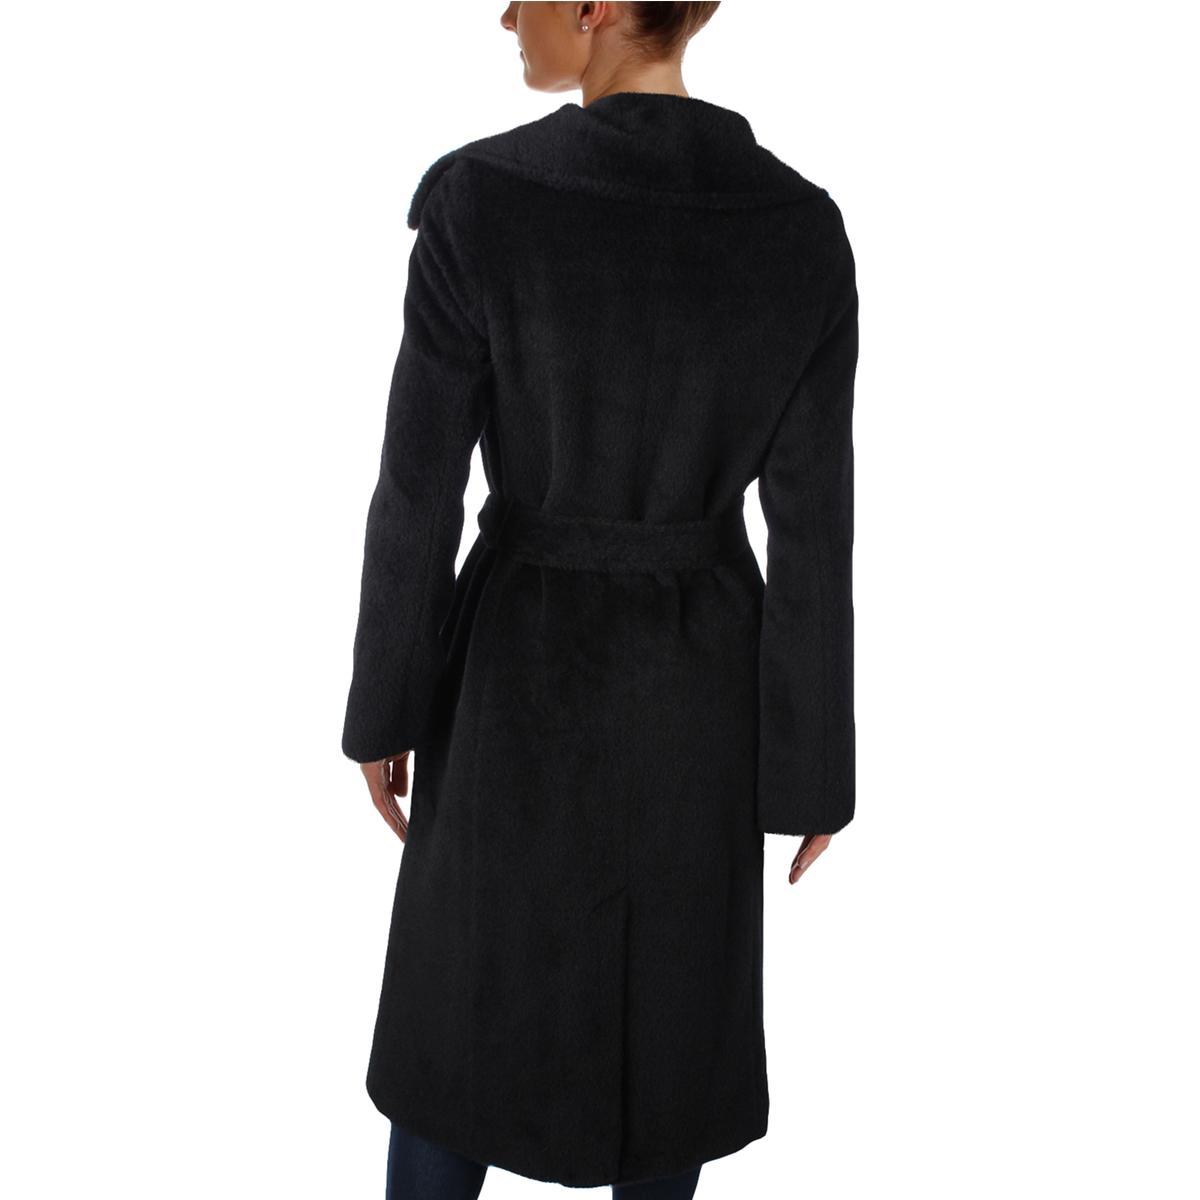 d'hiver en femmes Jones Manteau vêtements laine pour 6549 New mélangée York Bhfo d'extérieur long AIwx5qU